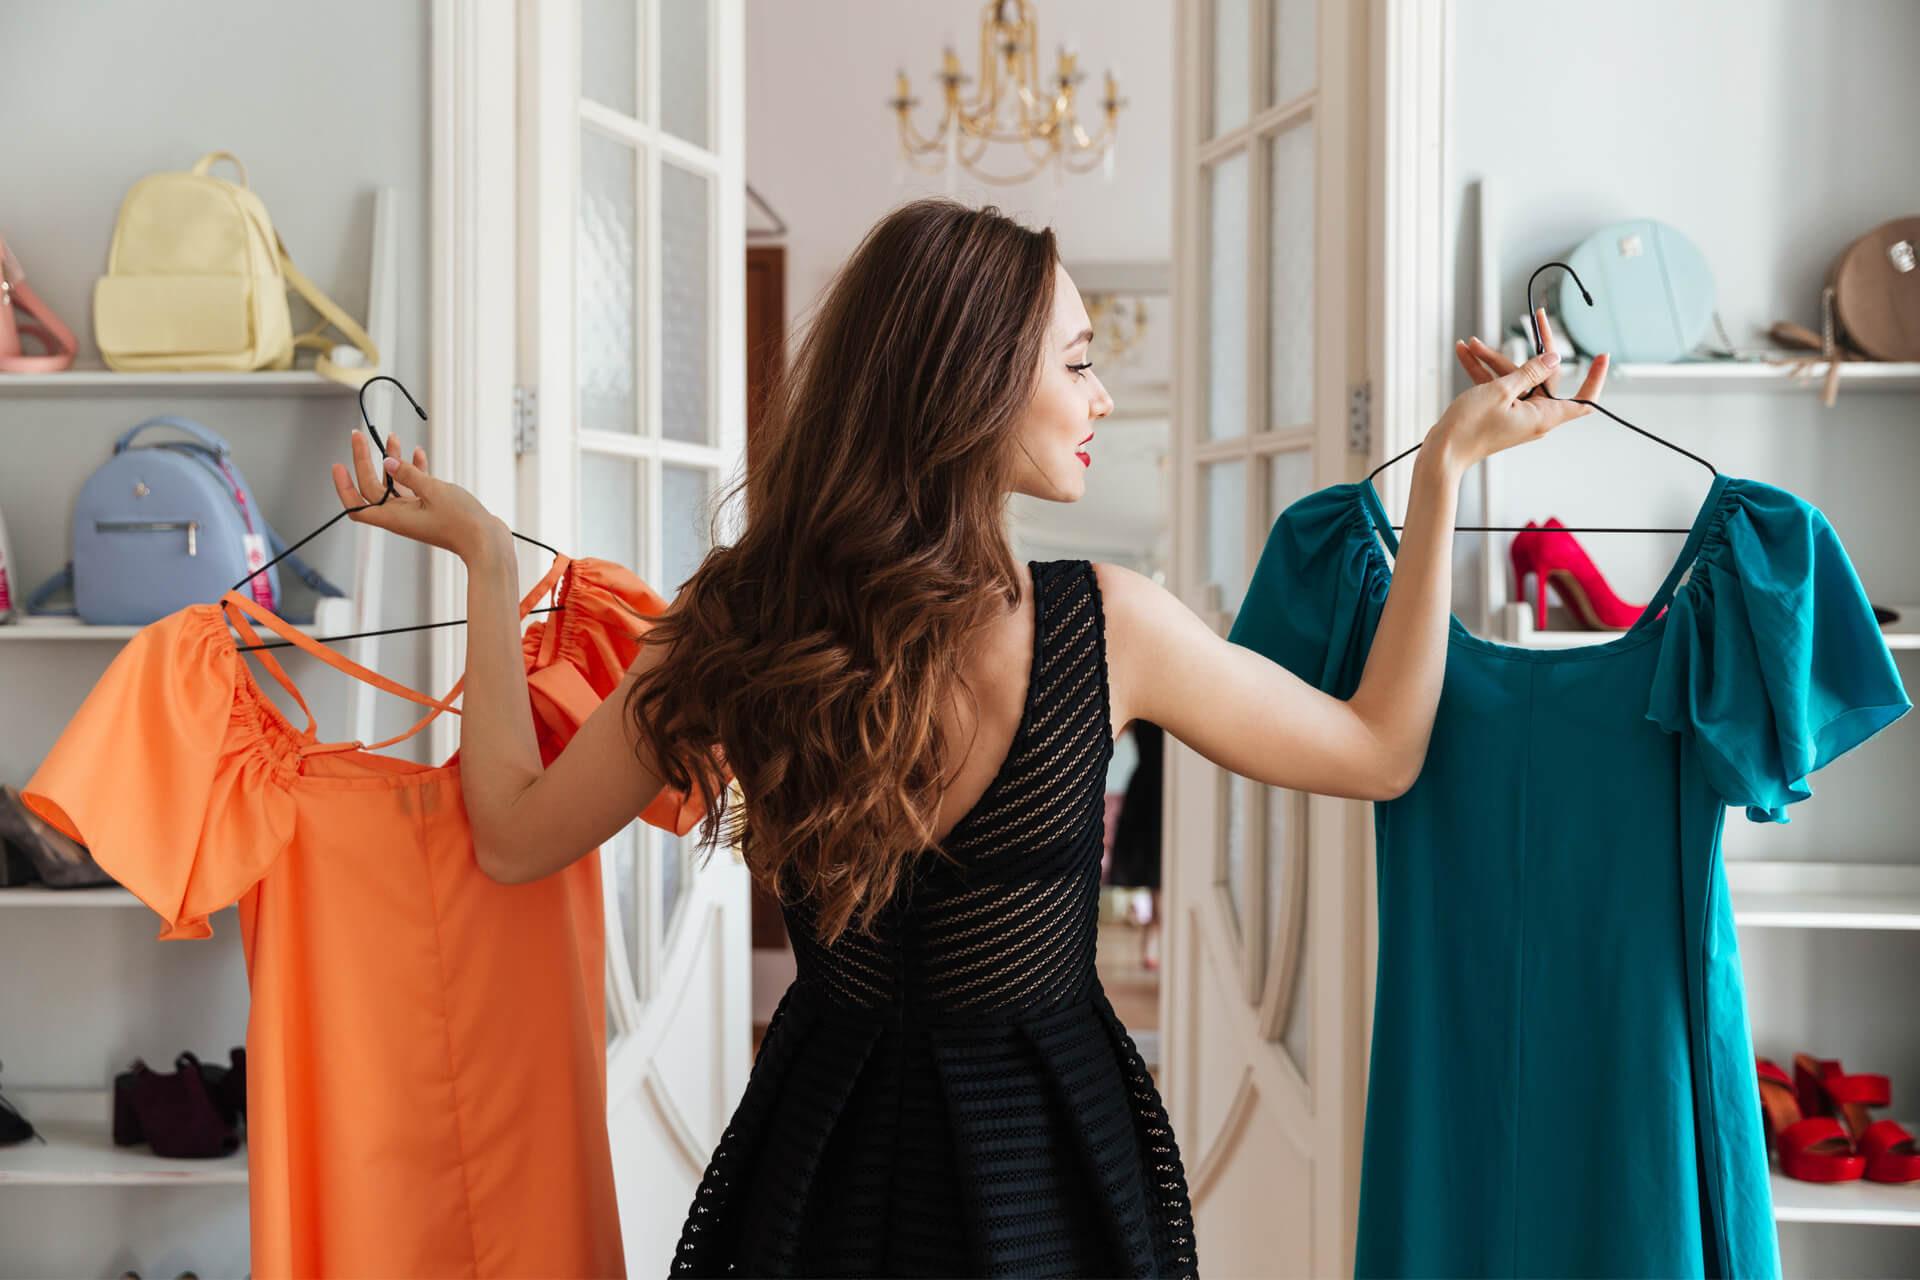 20 Schön Kleid Für Einen Abend Mieten Boutique15 Ausgezeichnet Kleid Für Einen Abend Mieten Boutique